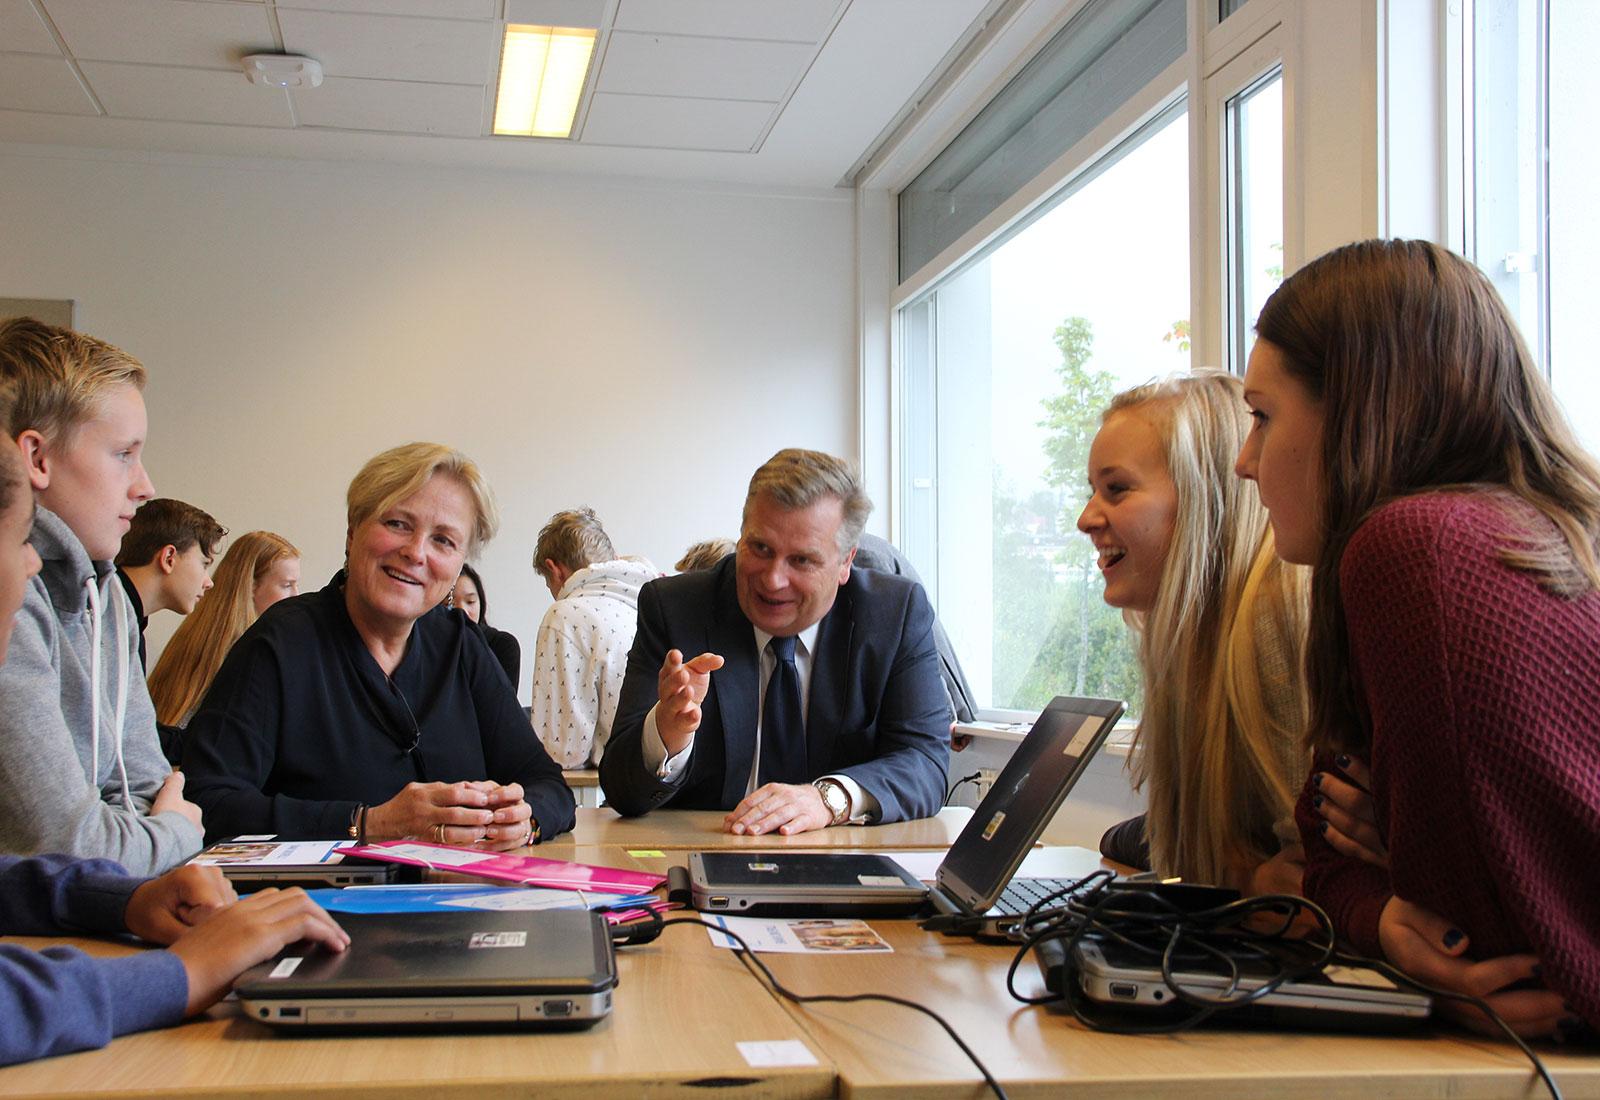 Bilde fra lanseringen av husfred.no – snakk om spill på Engebråten skole. Med kulturminister Thorhild Widvey